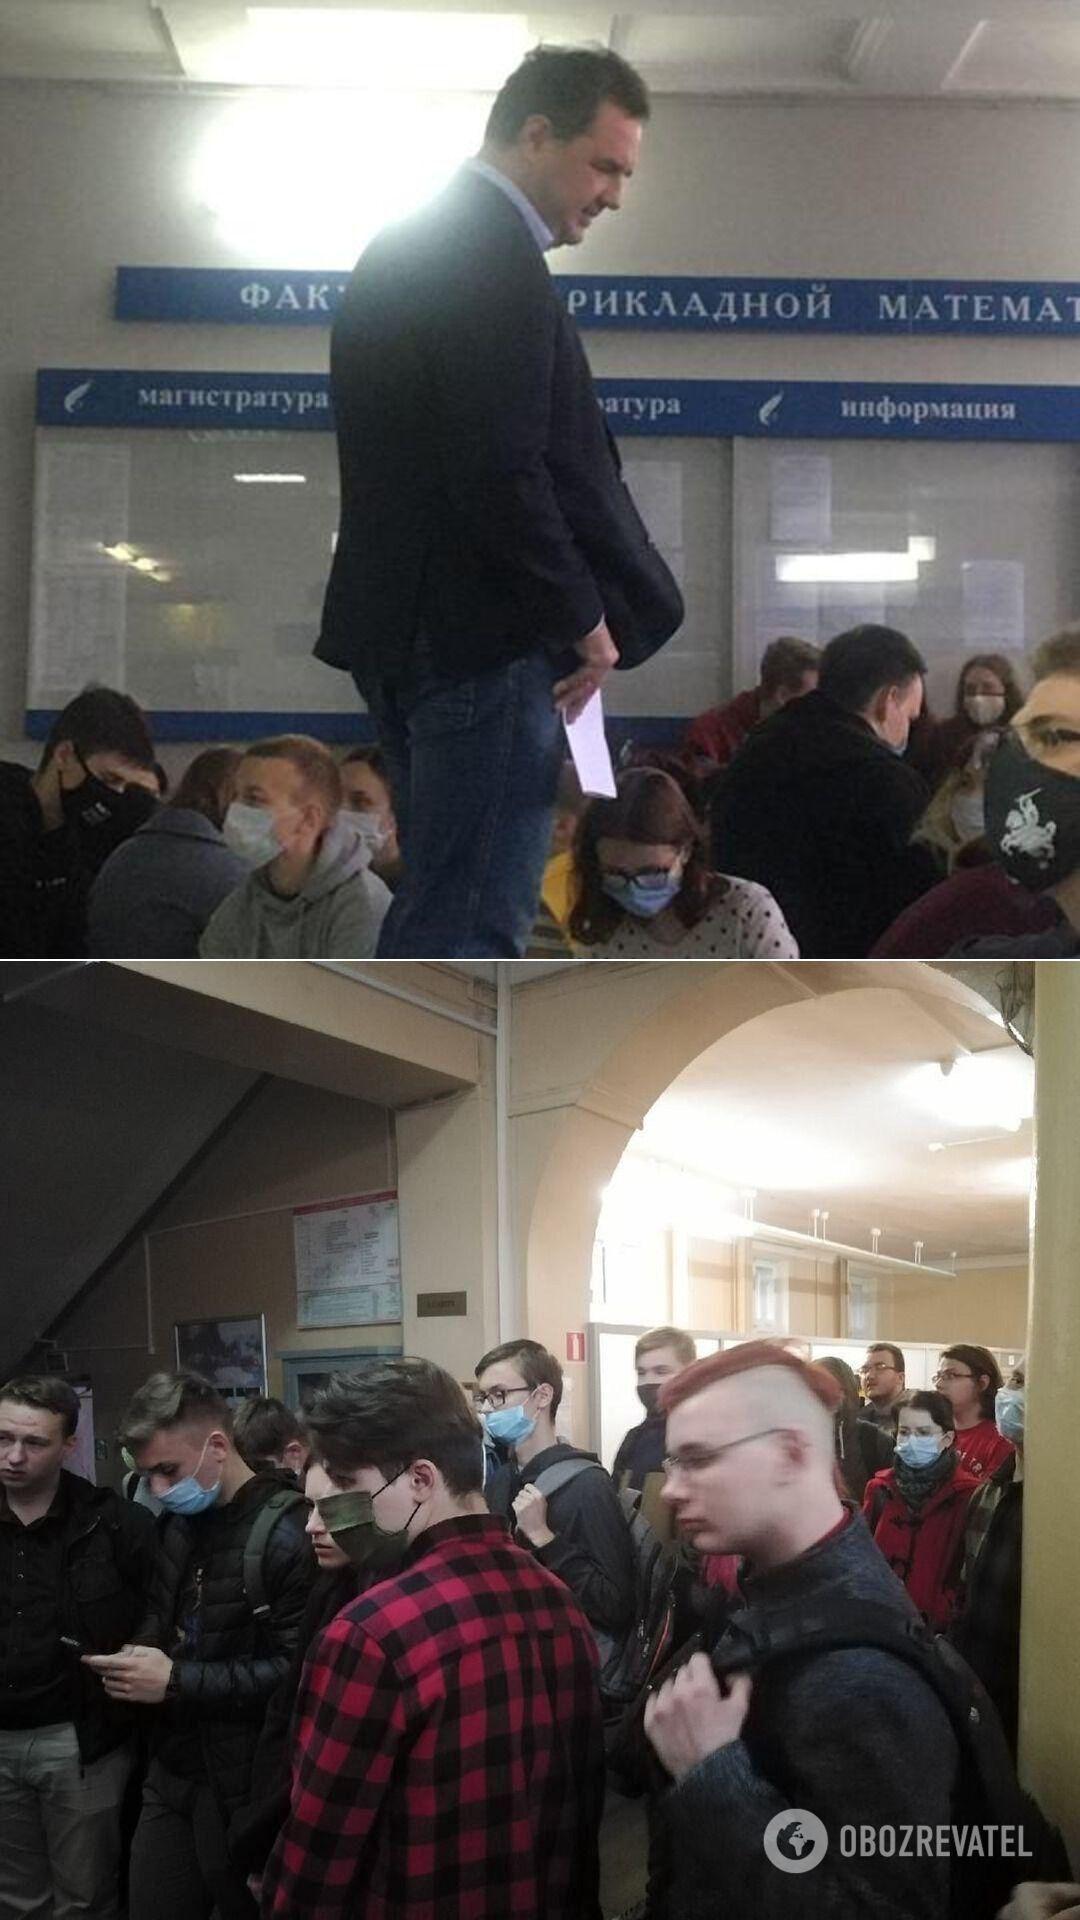 Декан ФПМИ БГУ и истфак университета, который собирался в своем корпусе на забастовку